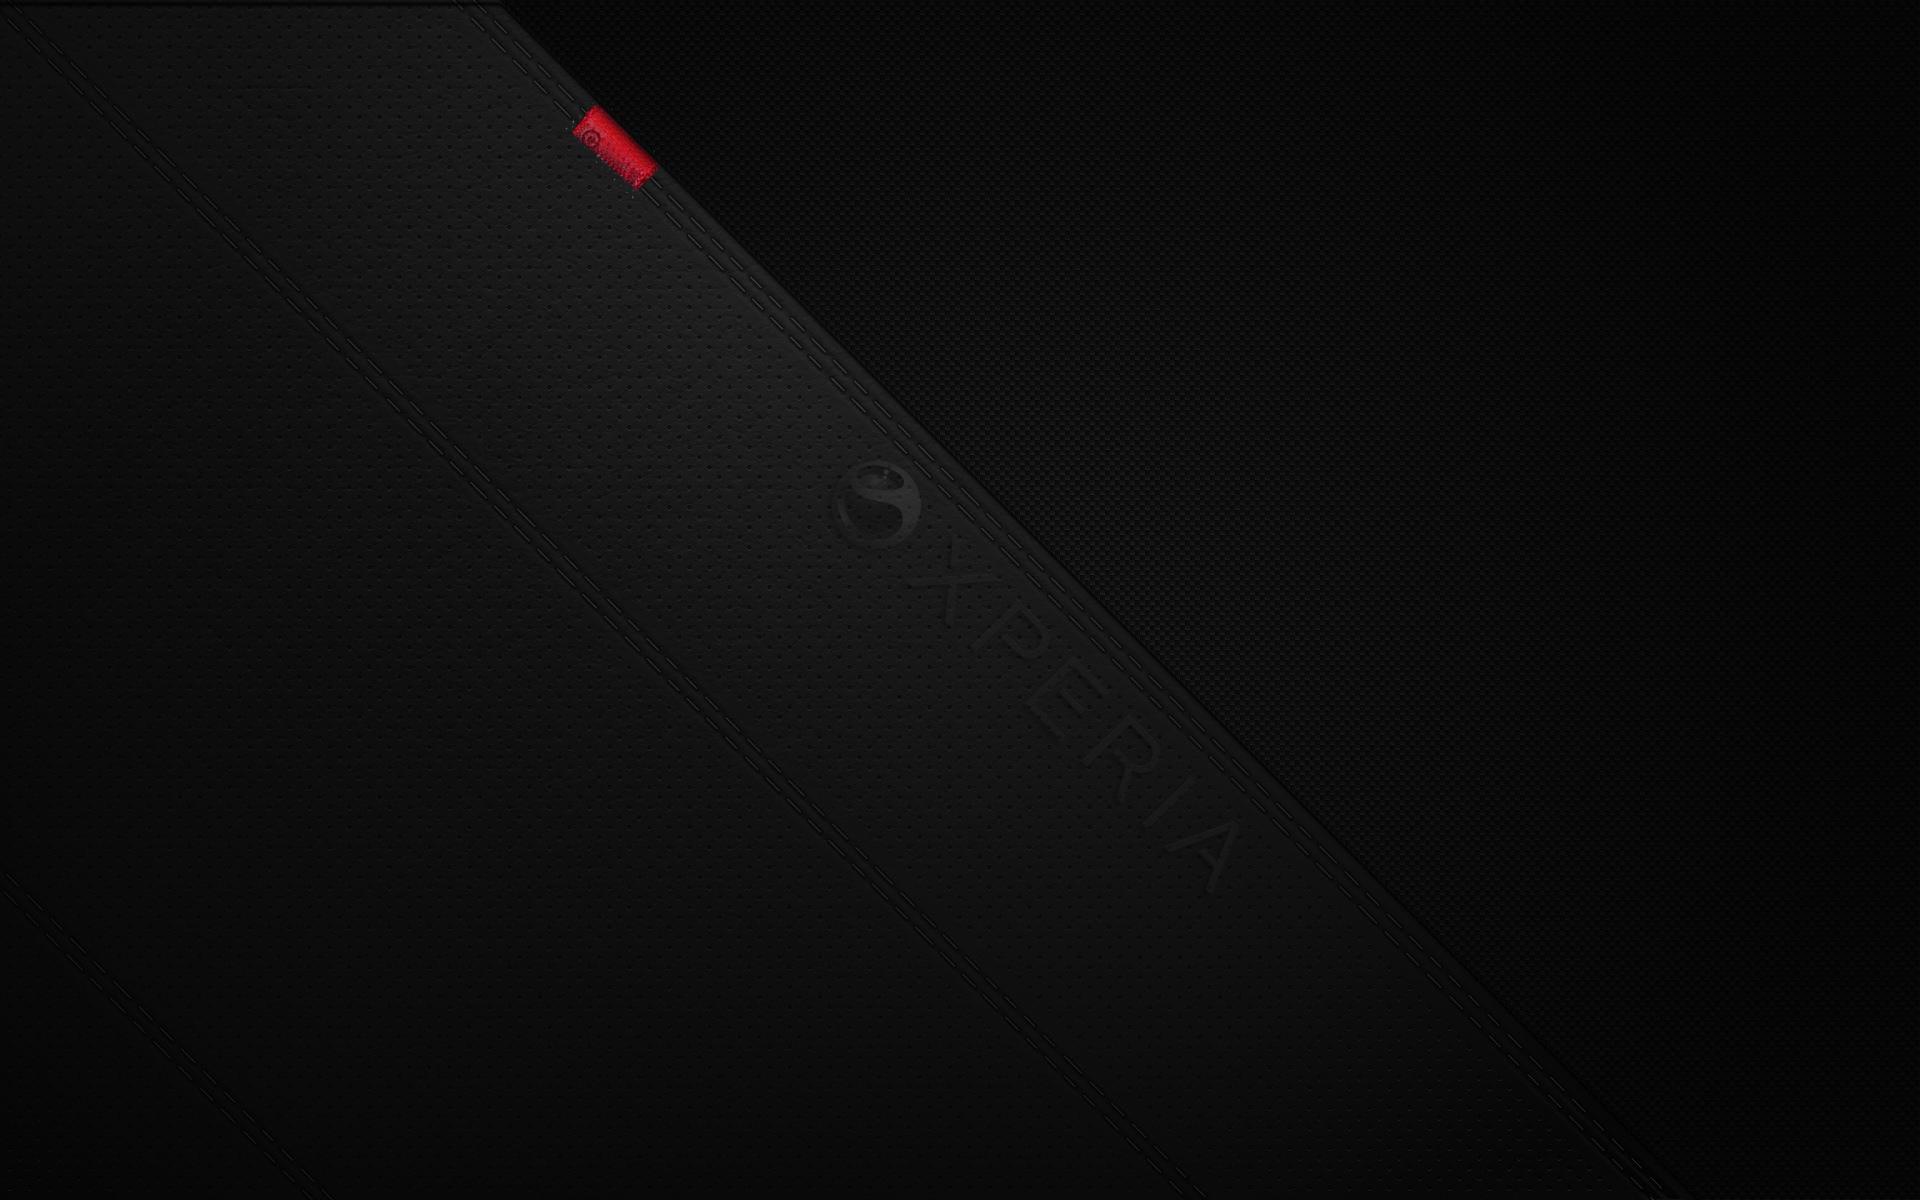 コラム Xperia壁紙作ってみた Xperiaにおけるandroidアプリ考察